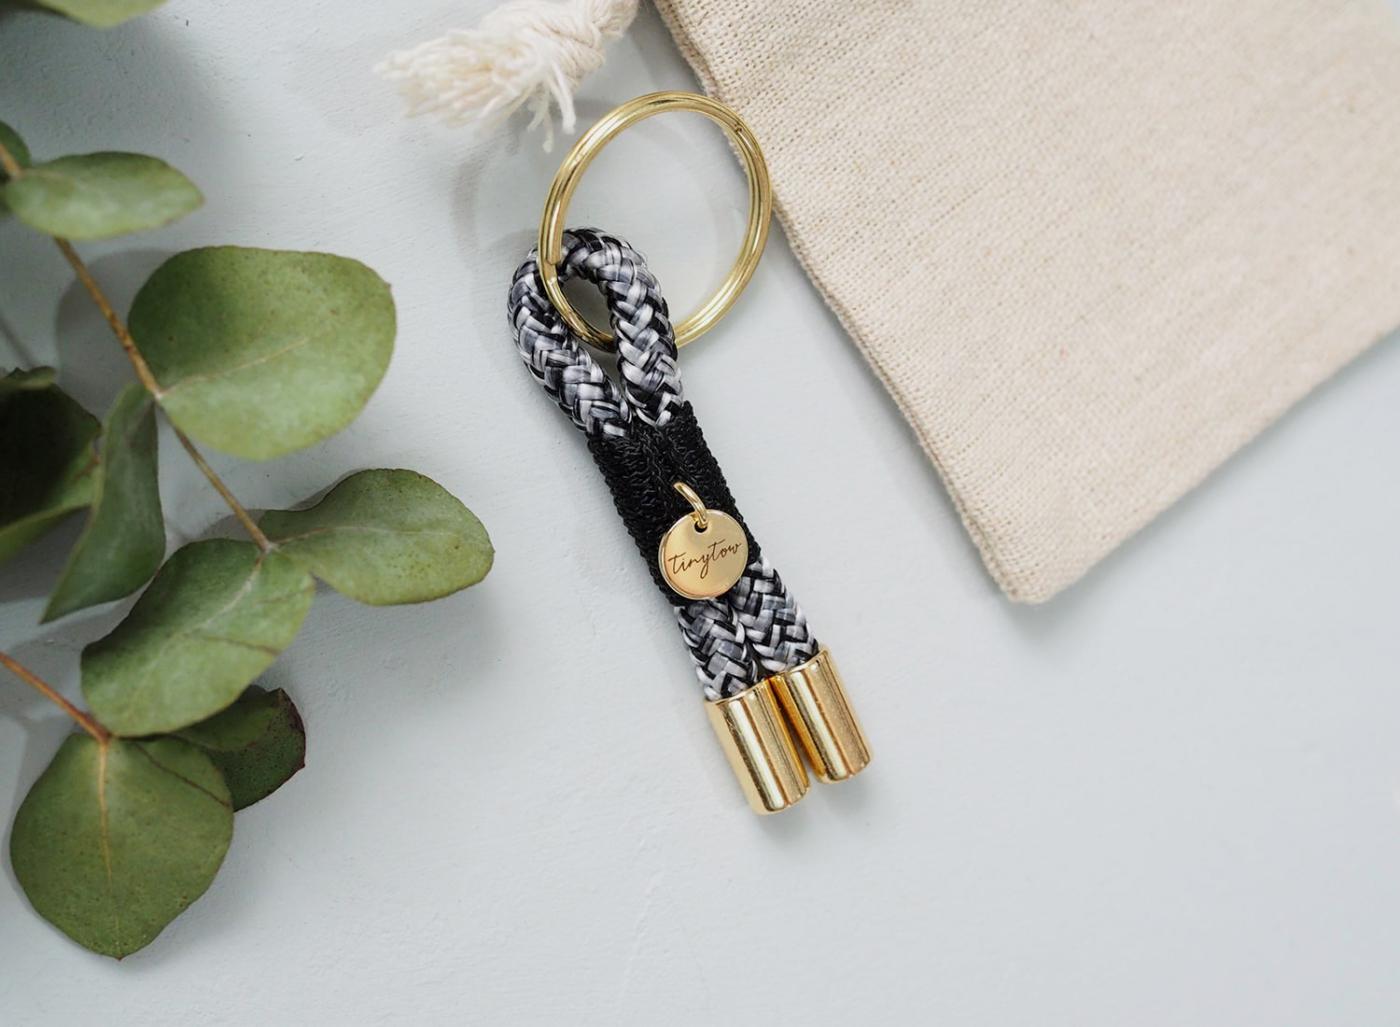 Schlüsselanhänger aus Tau mit schwarz-weißem Tauseil, schwarzer Takelung und goldenen Details.